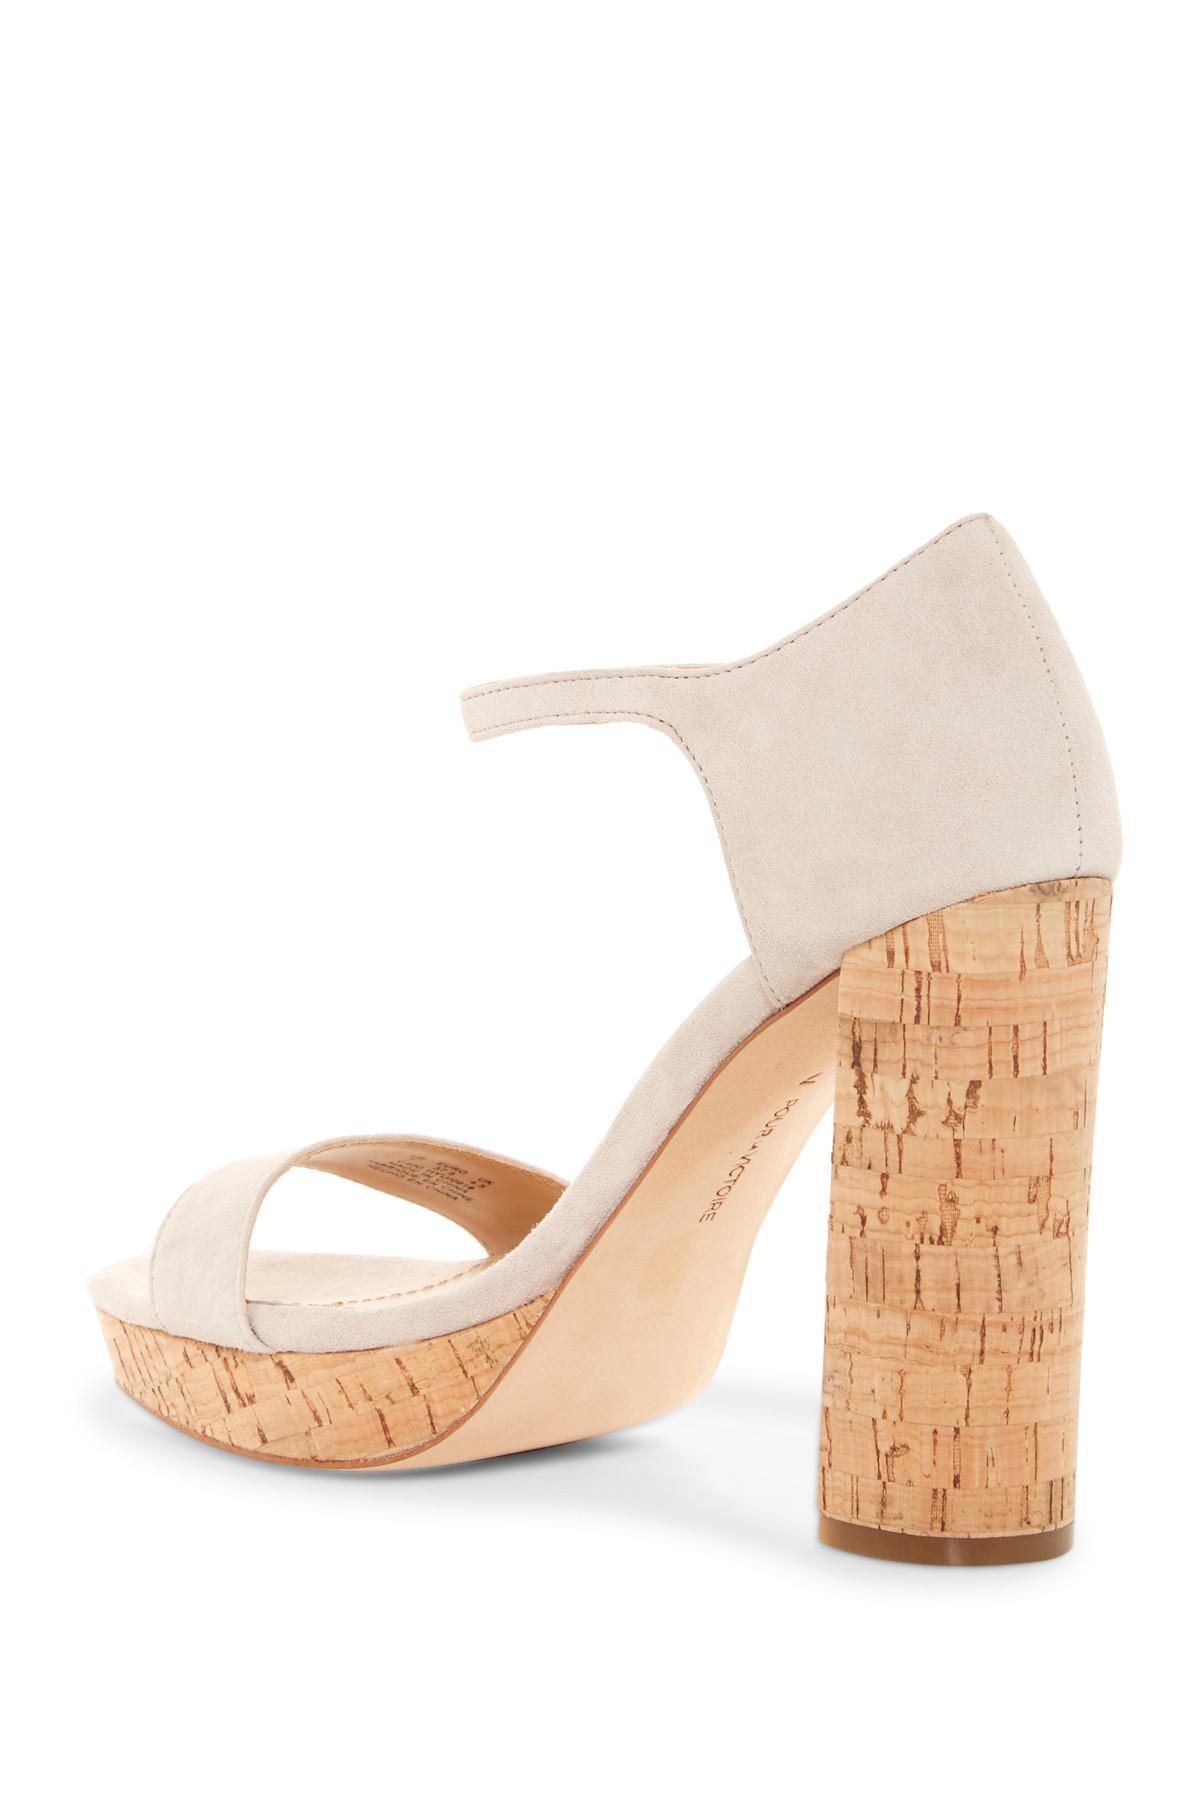 69e3fd1fc72328 Lyst - Pour La Victoire Yvette Platform Ankle Strap Sandal in Natural